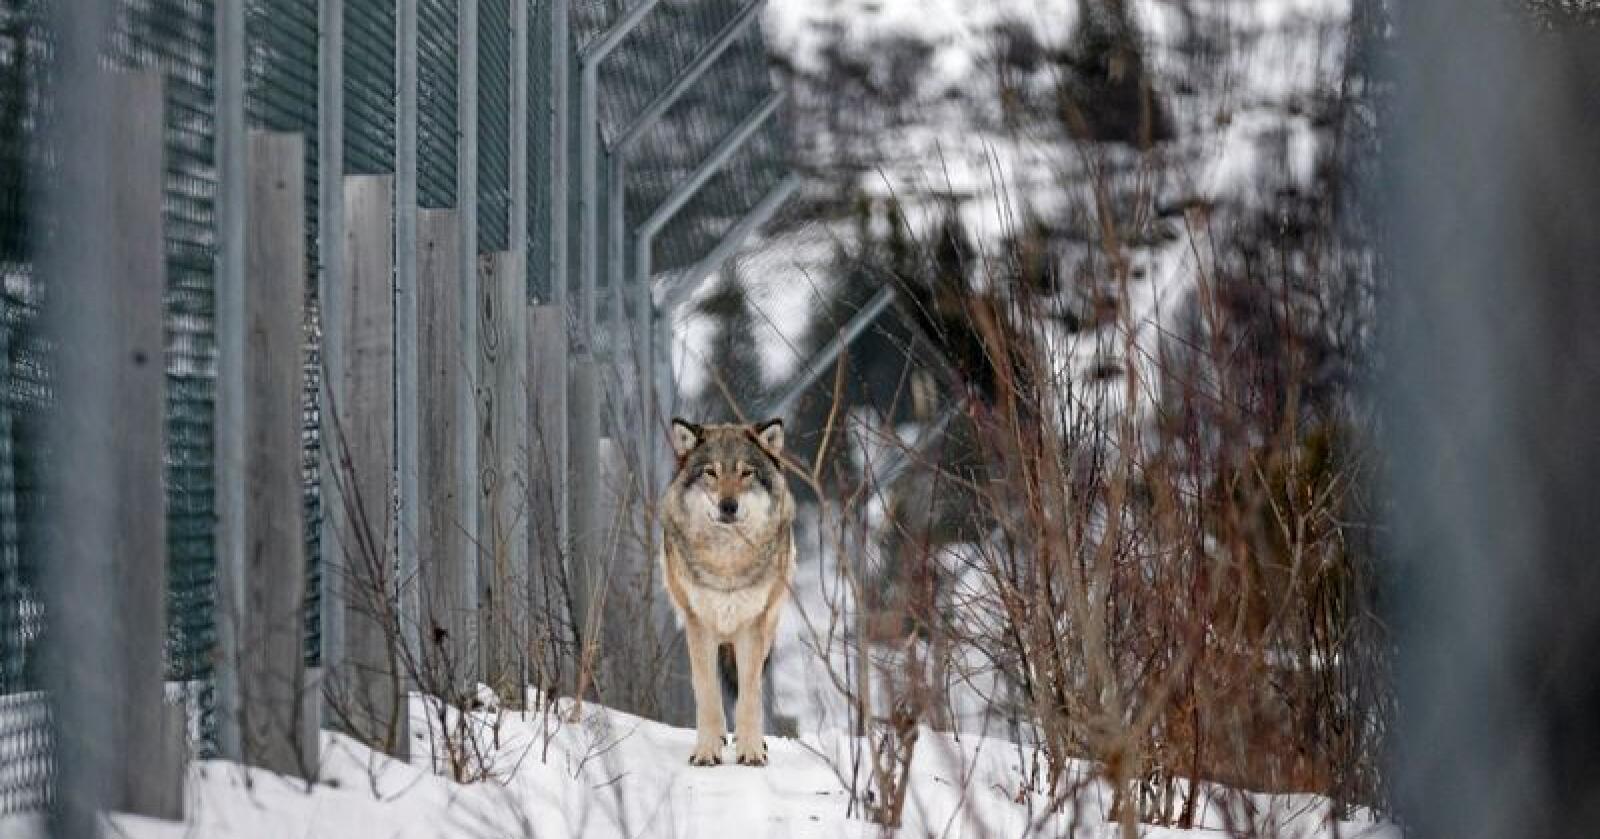 Denne ulven er fotografert i Langedrag naturpark i Buskerud. Nye analyser har skapt ny debatt om den skandinaviske ulvebestandens opprinnelse. Foto: Heiko Junge / NTB scanpix